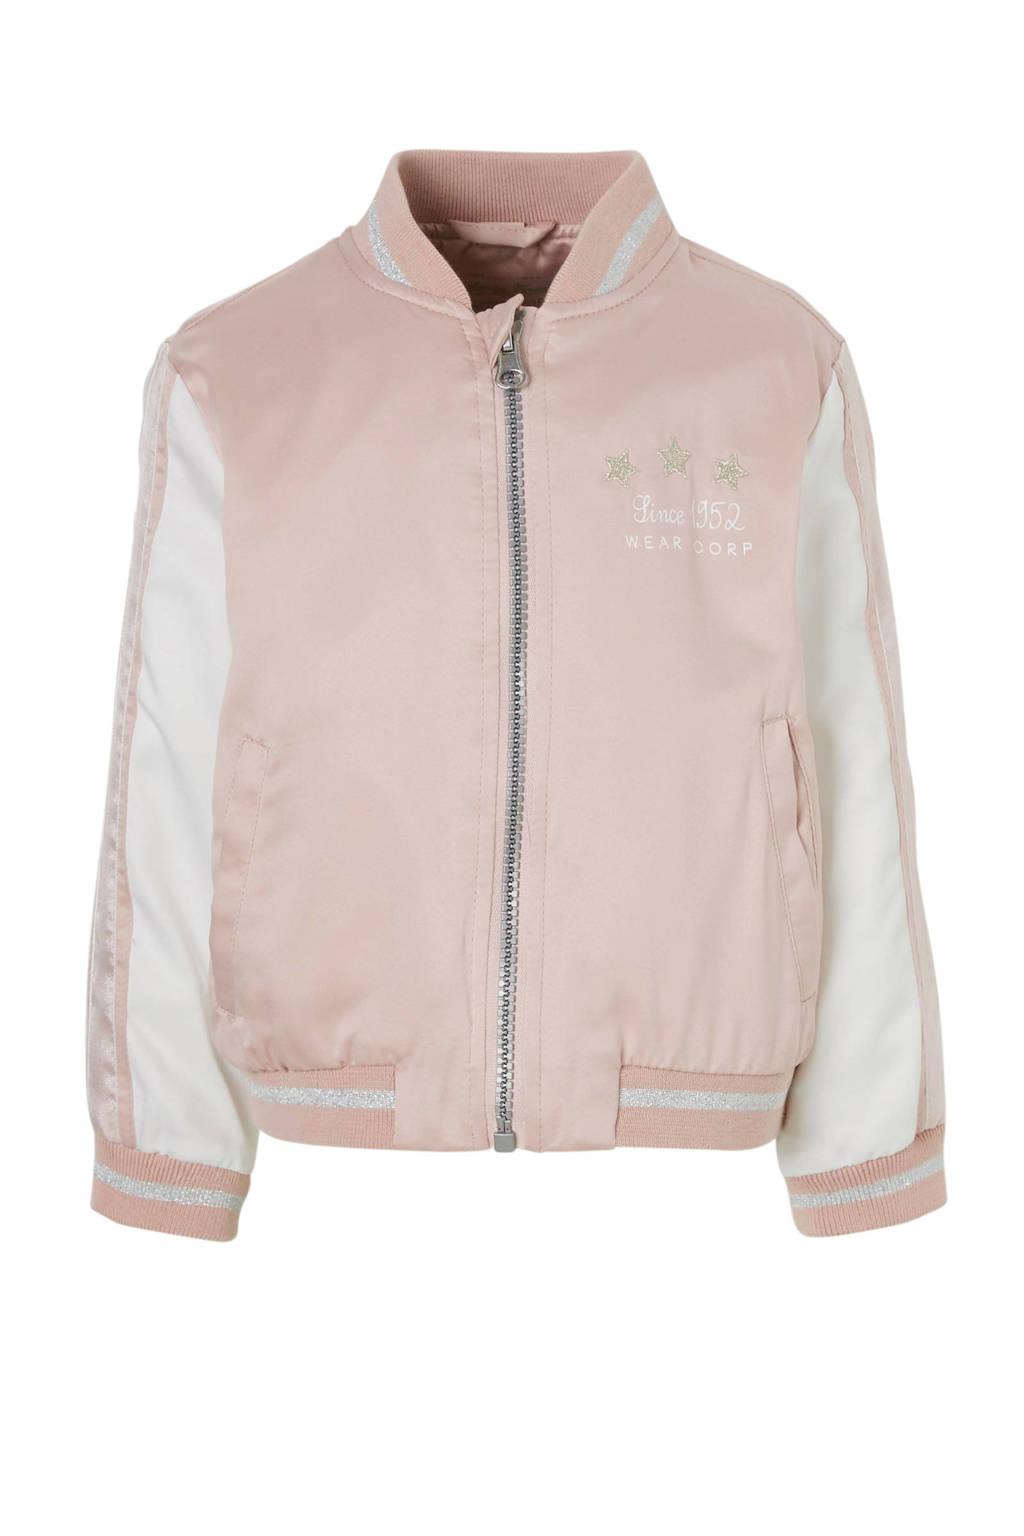 C&A Palomino bomberjack roze, Licht oudroze